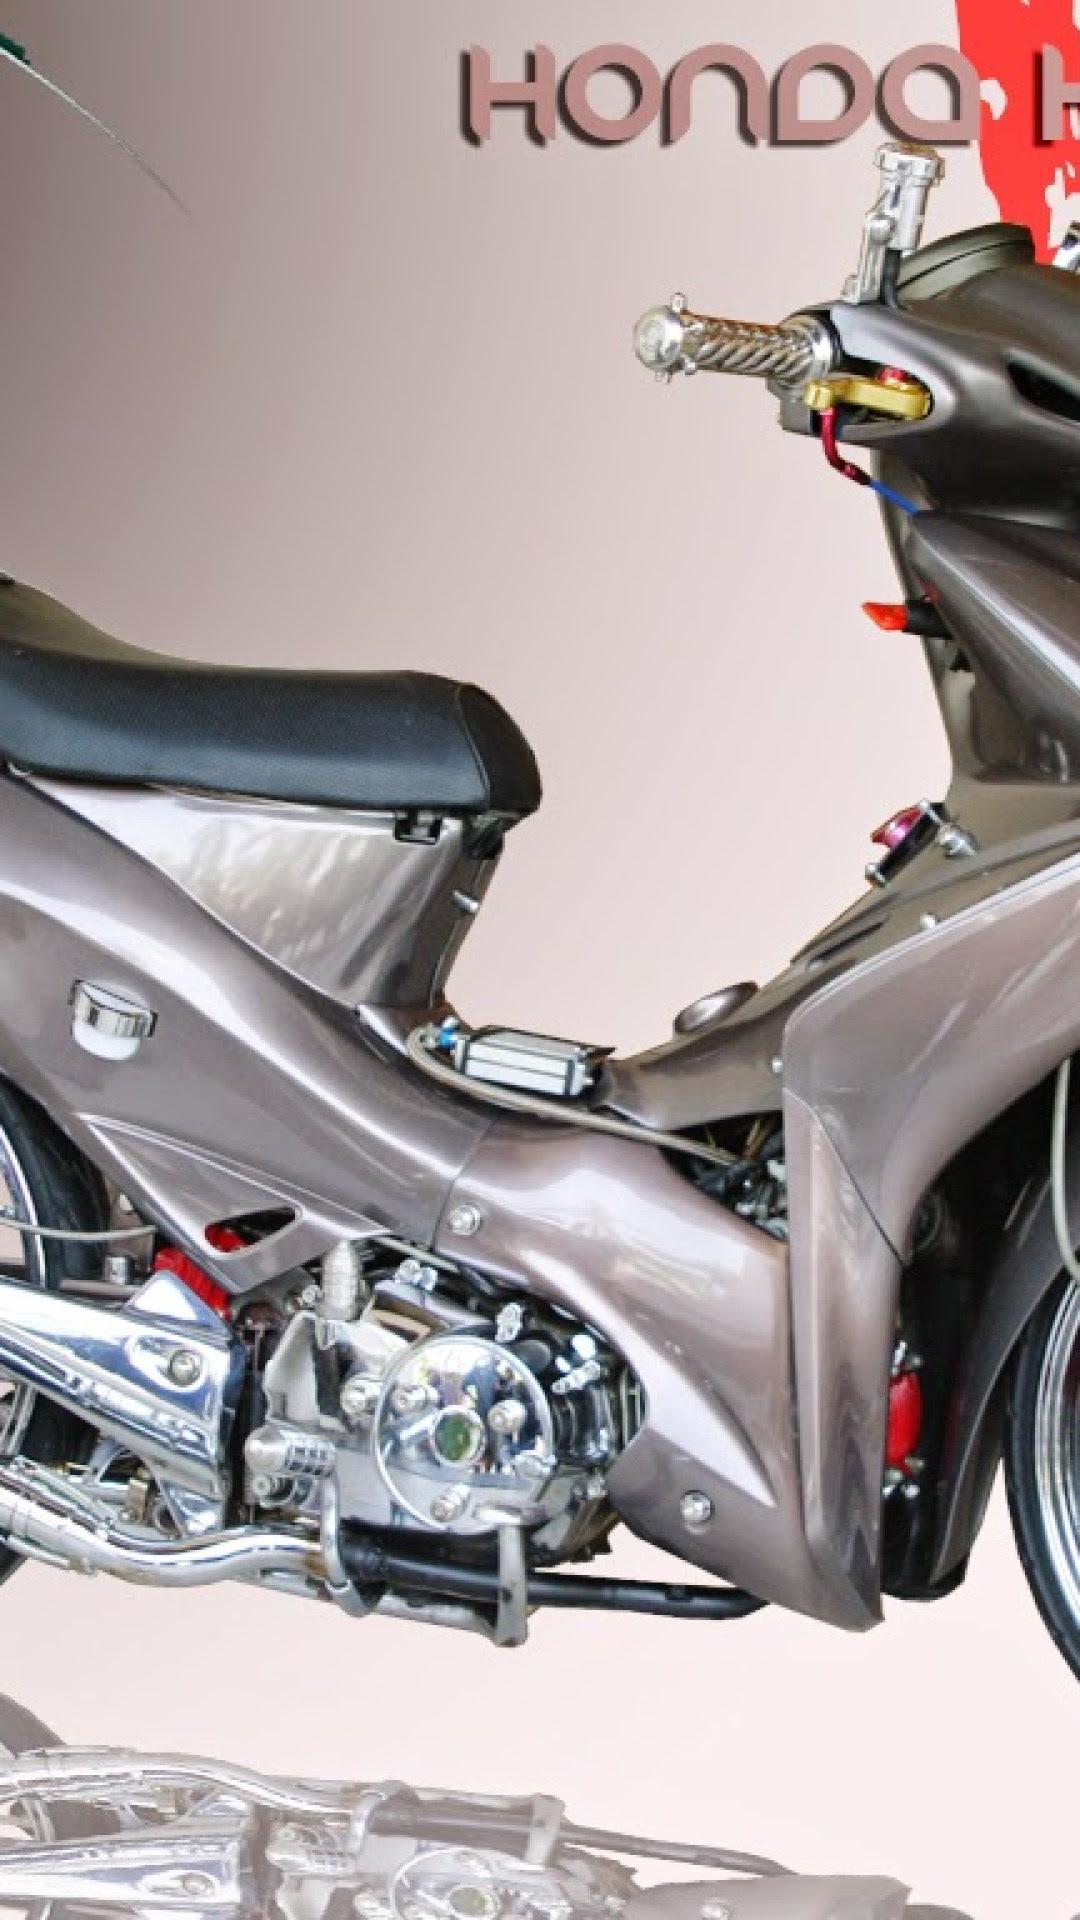 96 Modifikasi Motor Absolut Revo Ceper Terbaik Kempoul Motor